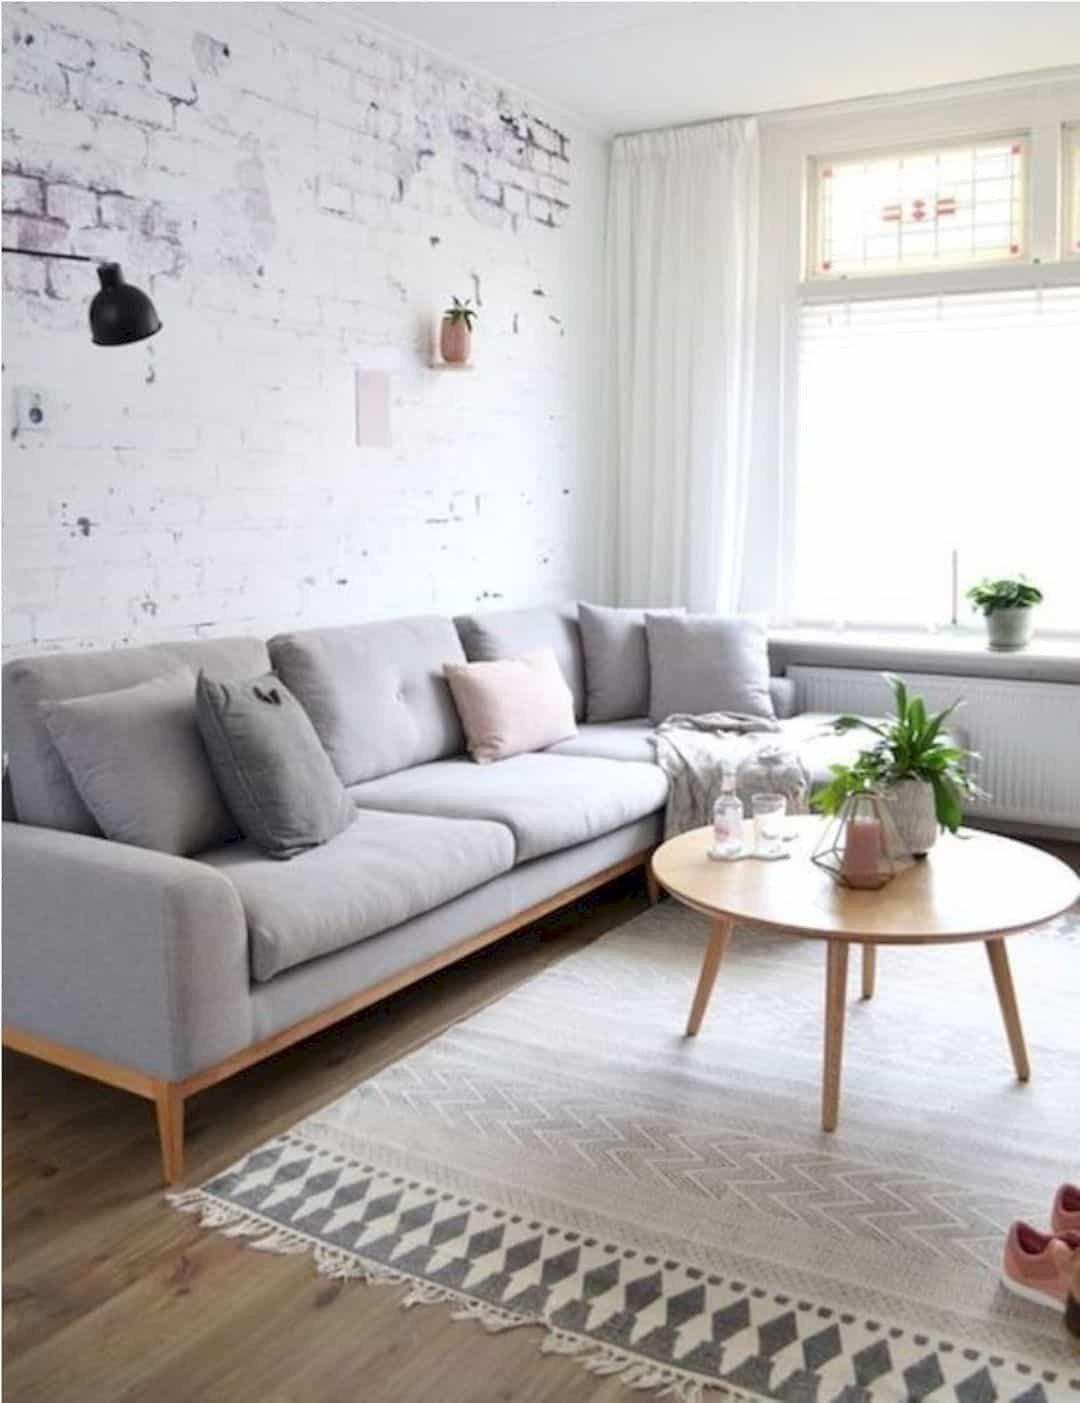 Minimalist Small Living Room Ideas Lovely 17 Minimalist Home Interior Design Ideas